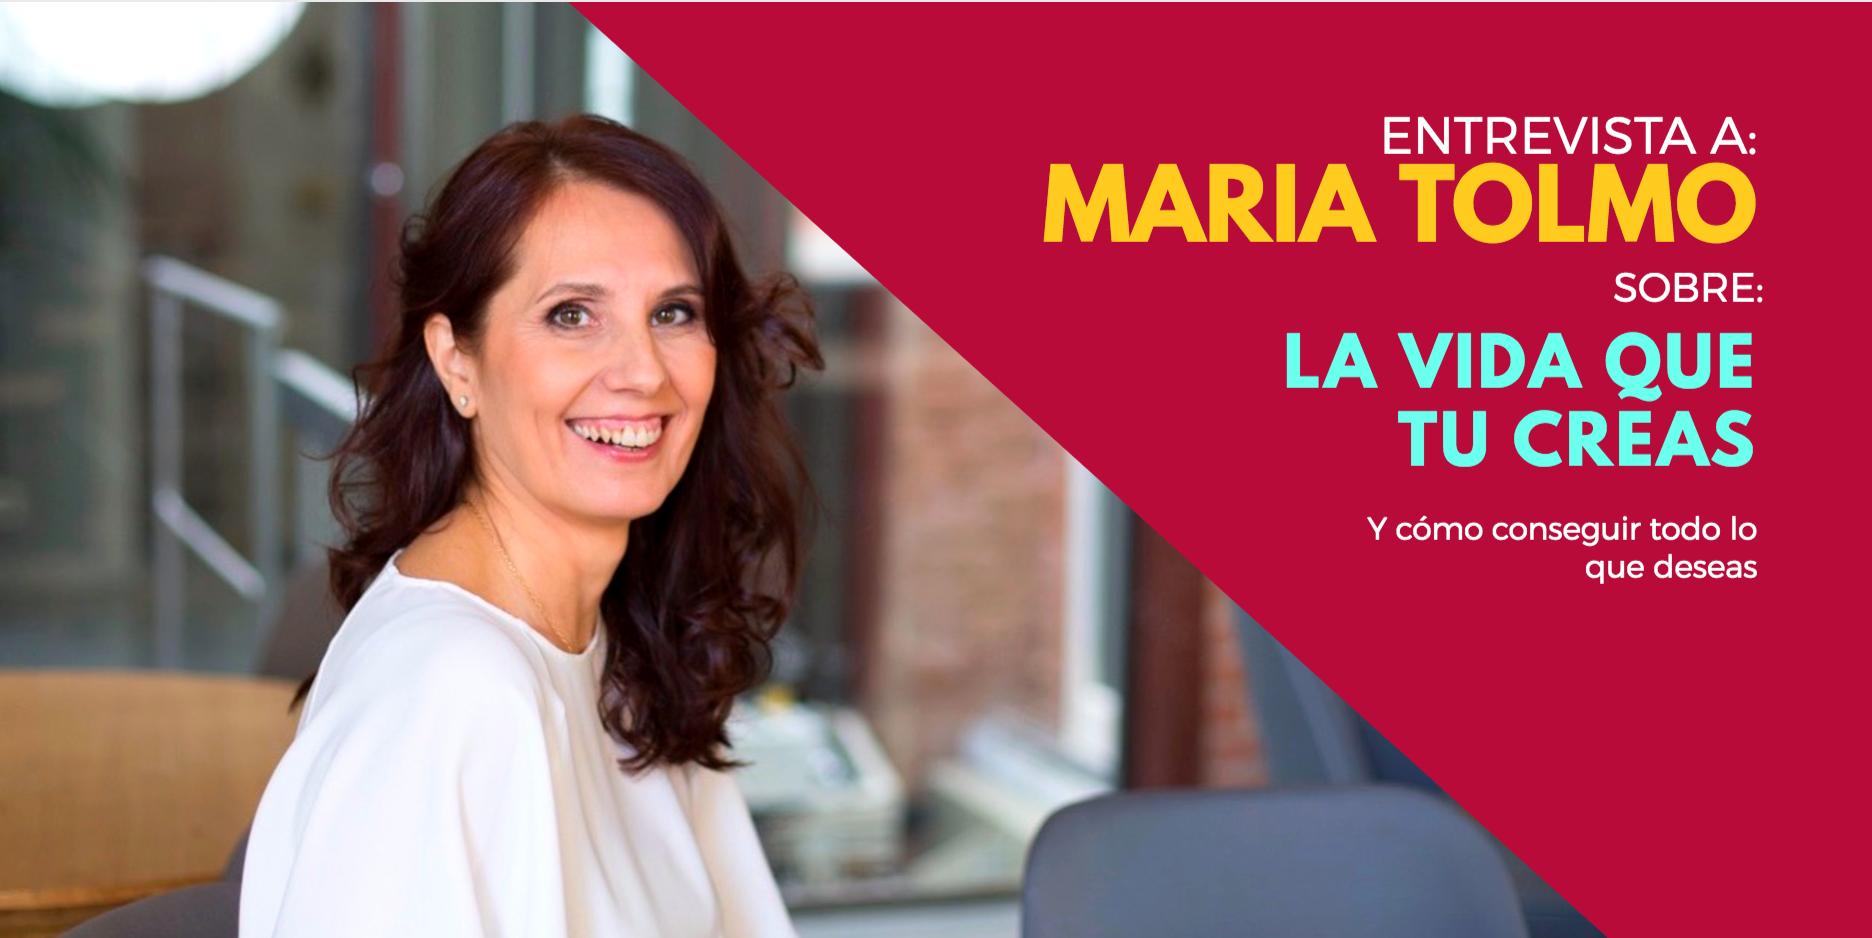 Maria Tolmo: Cómo Conseguir Todo Lo Que Deseas